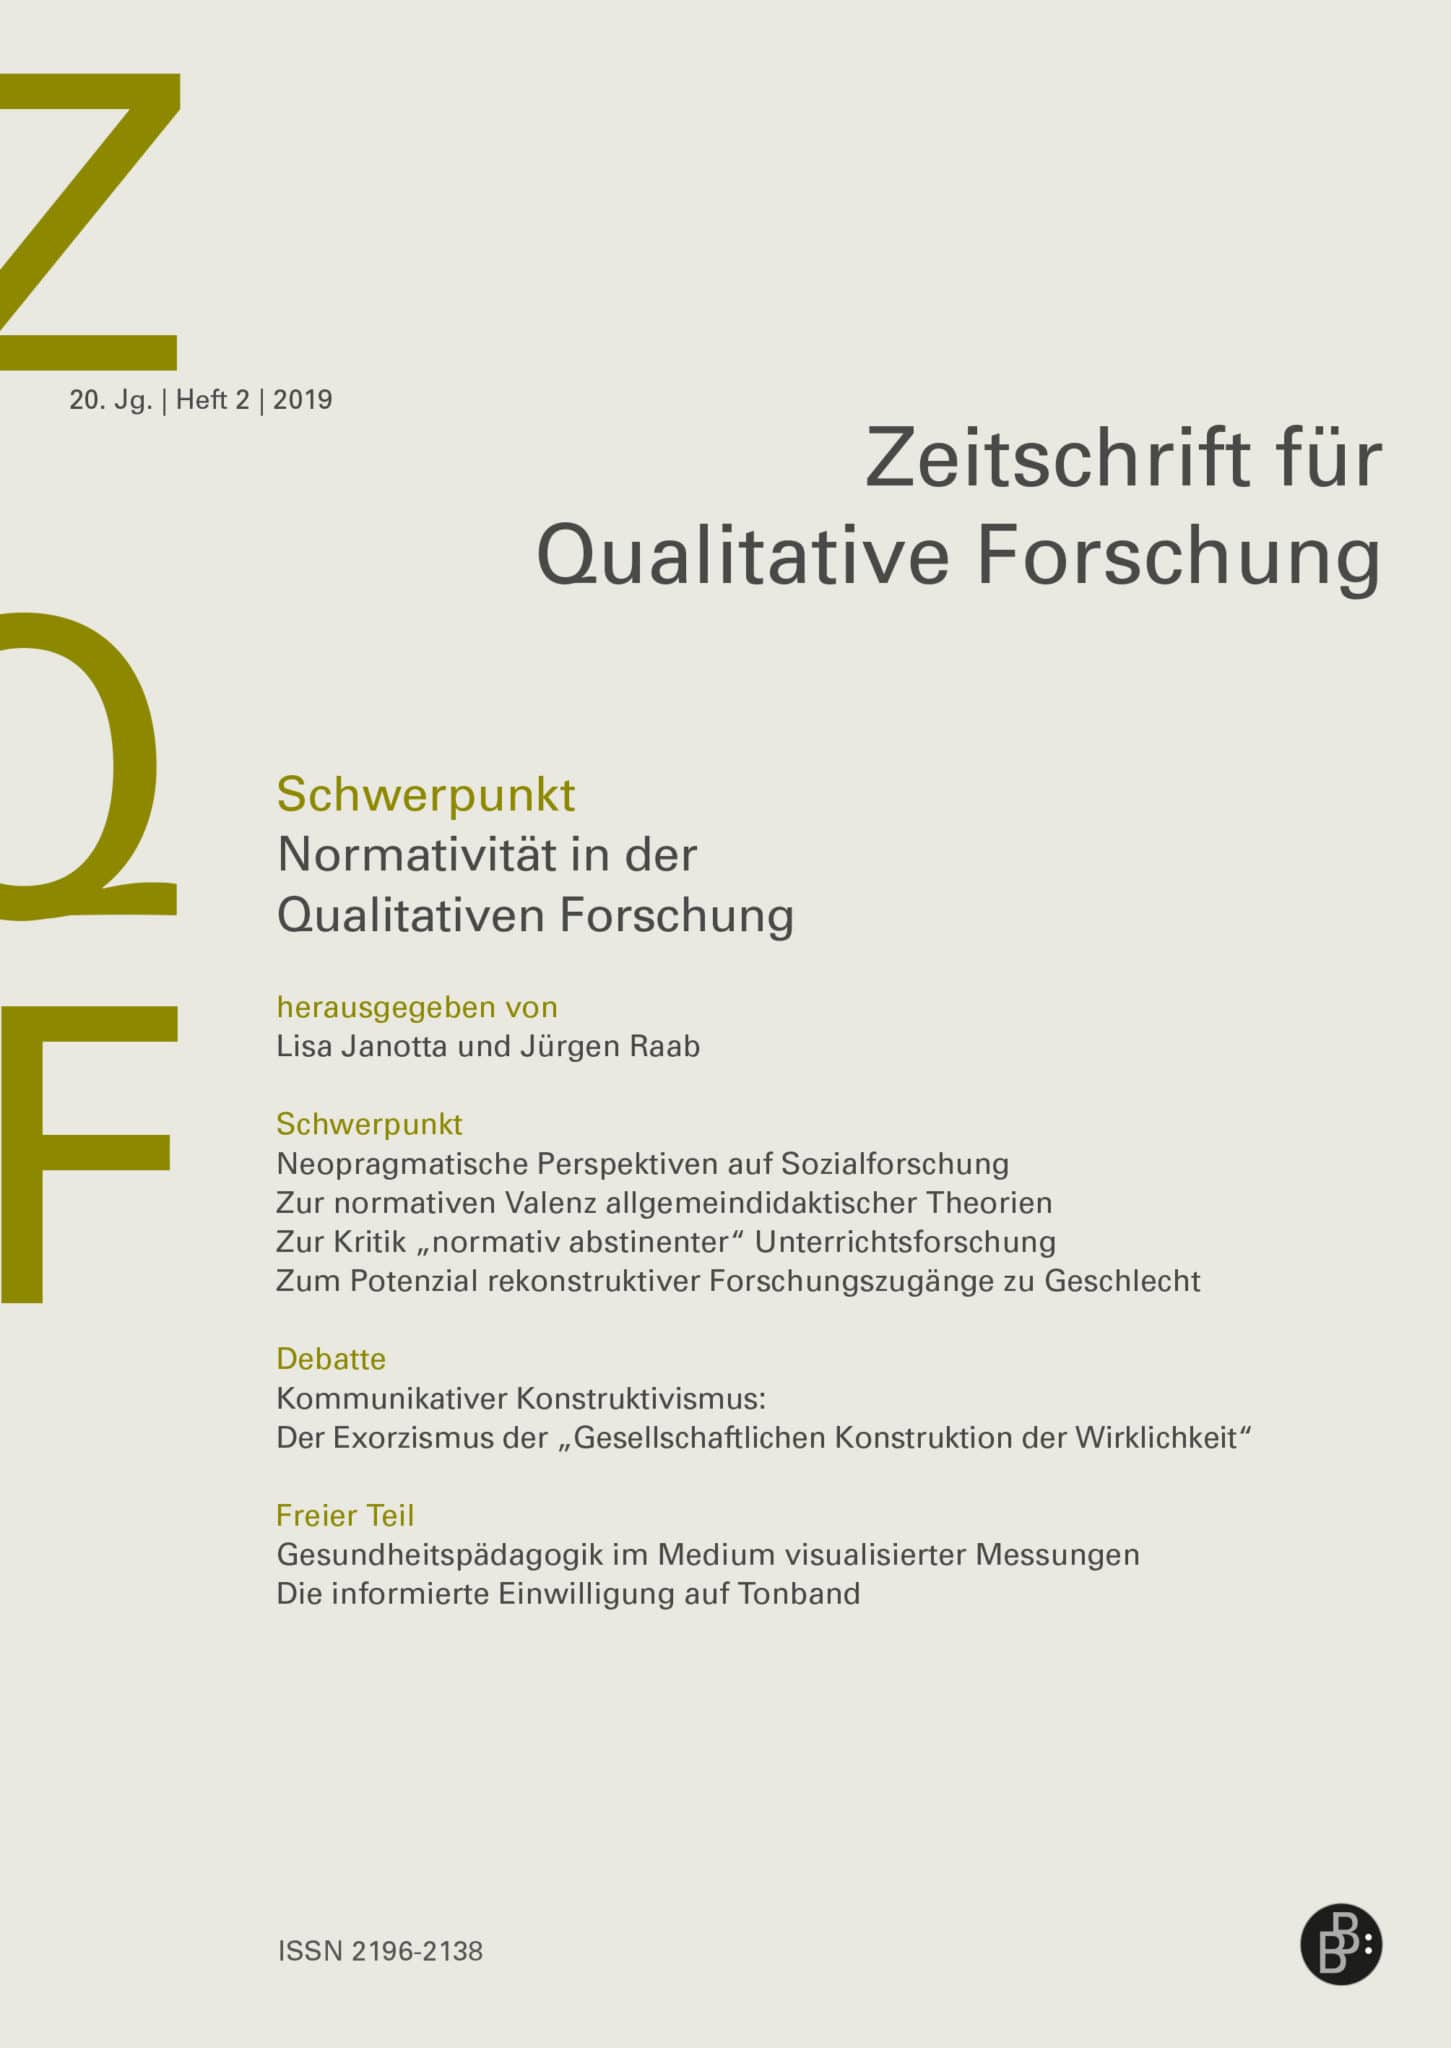 ZQF – Zeitschrift für Qualitative Forschung 2-2019: Normativität in der Qualitativen Forschung